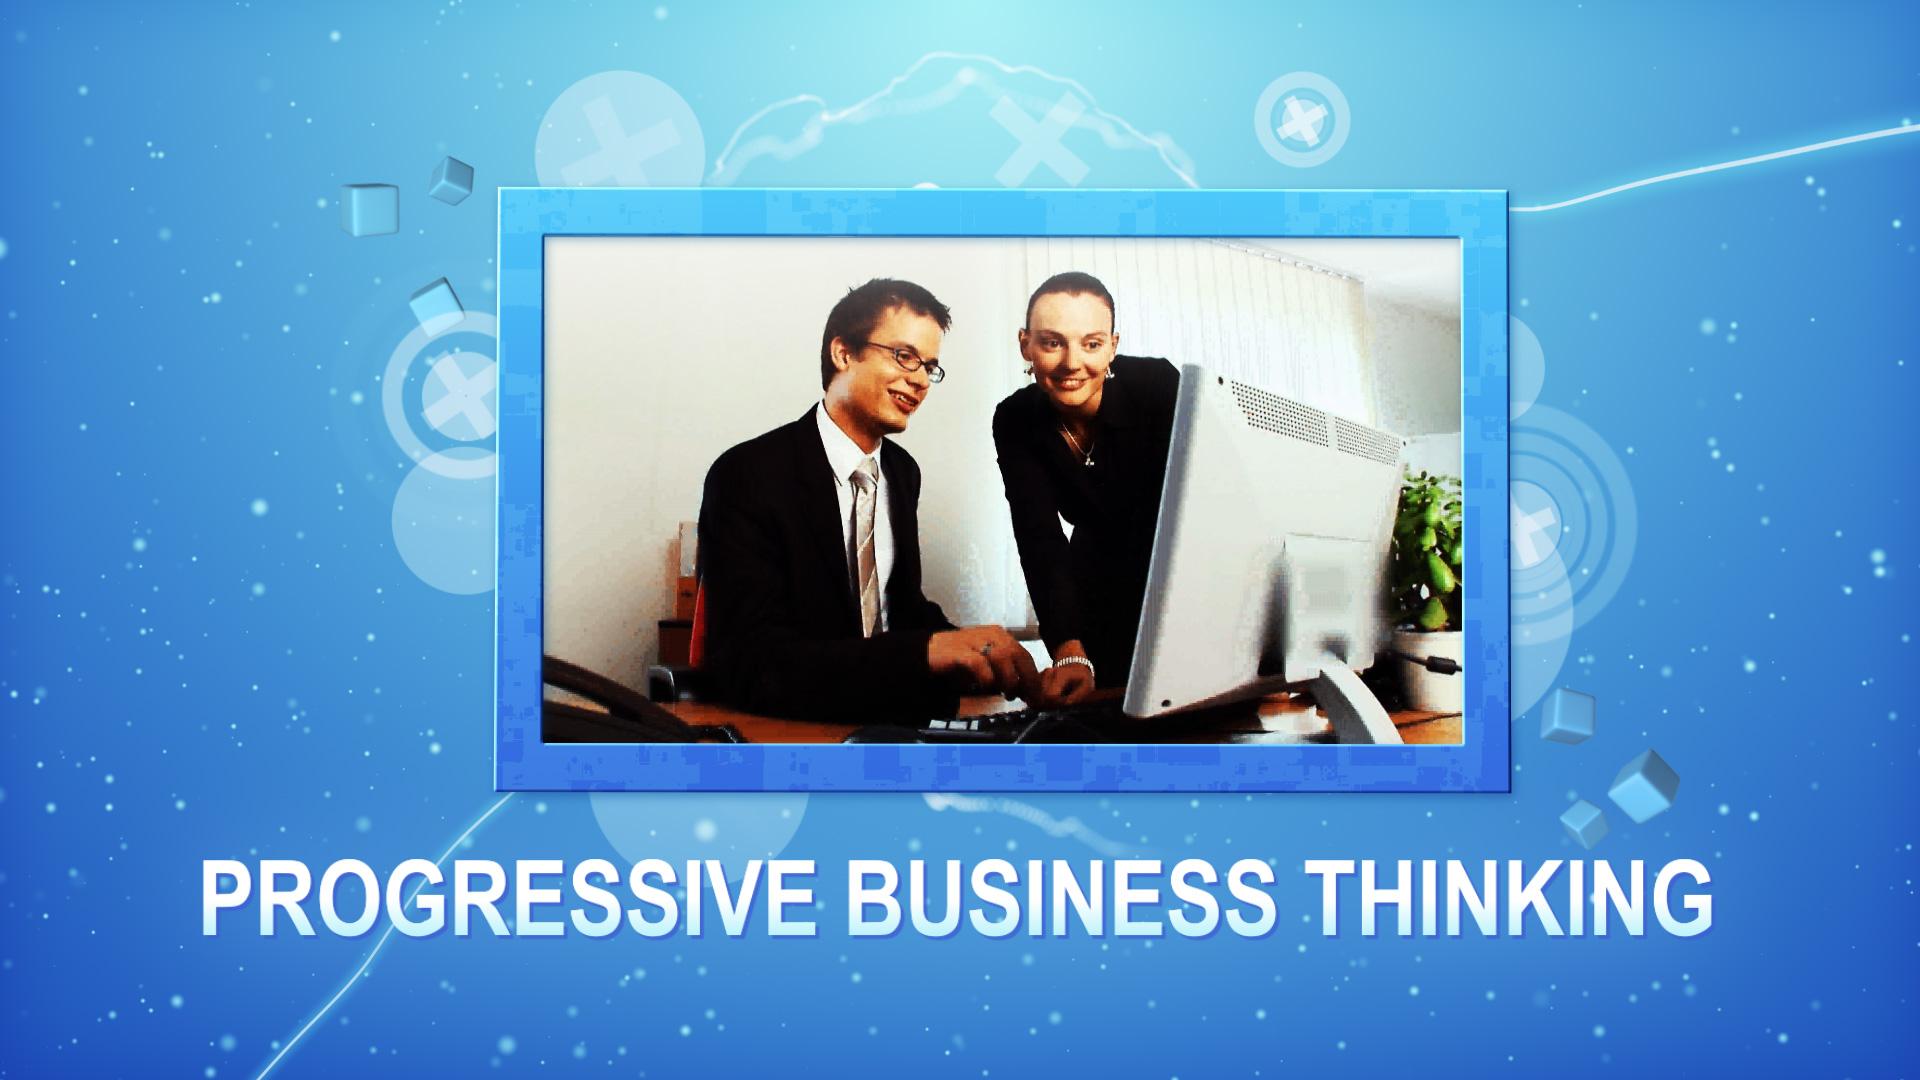 After Effects com Introdução para Sites de Negócios e Prestadores de Serviços №26813